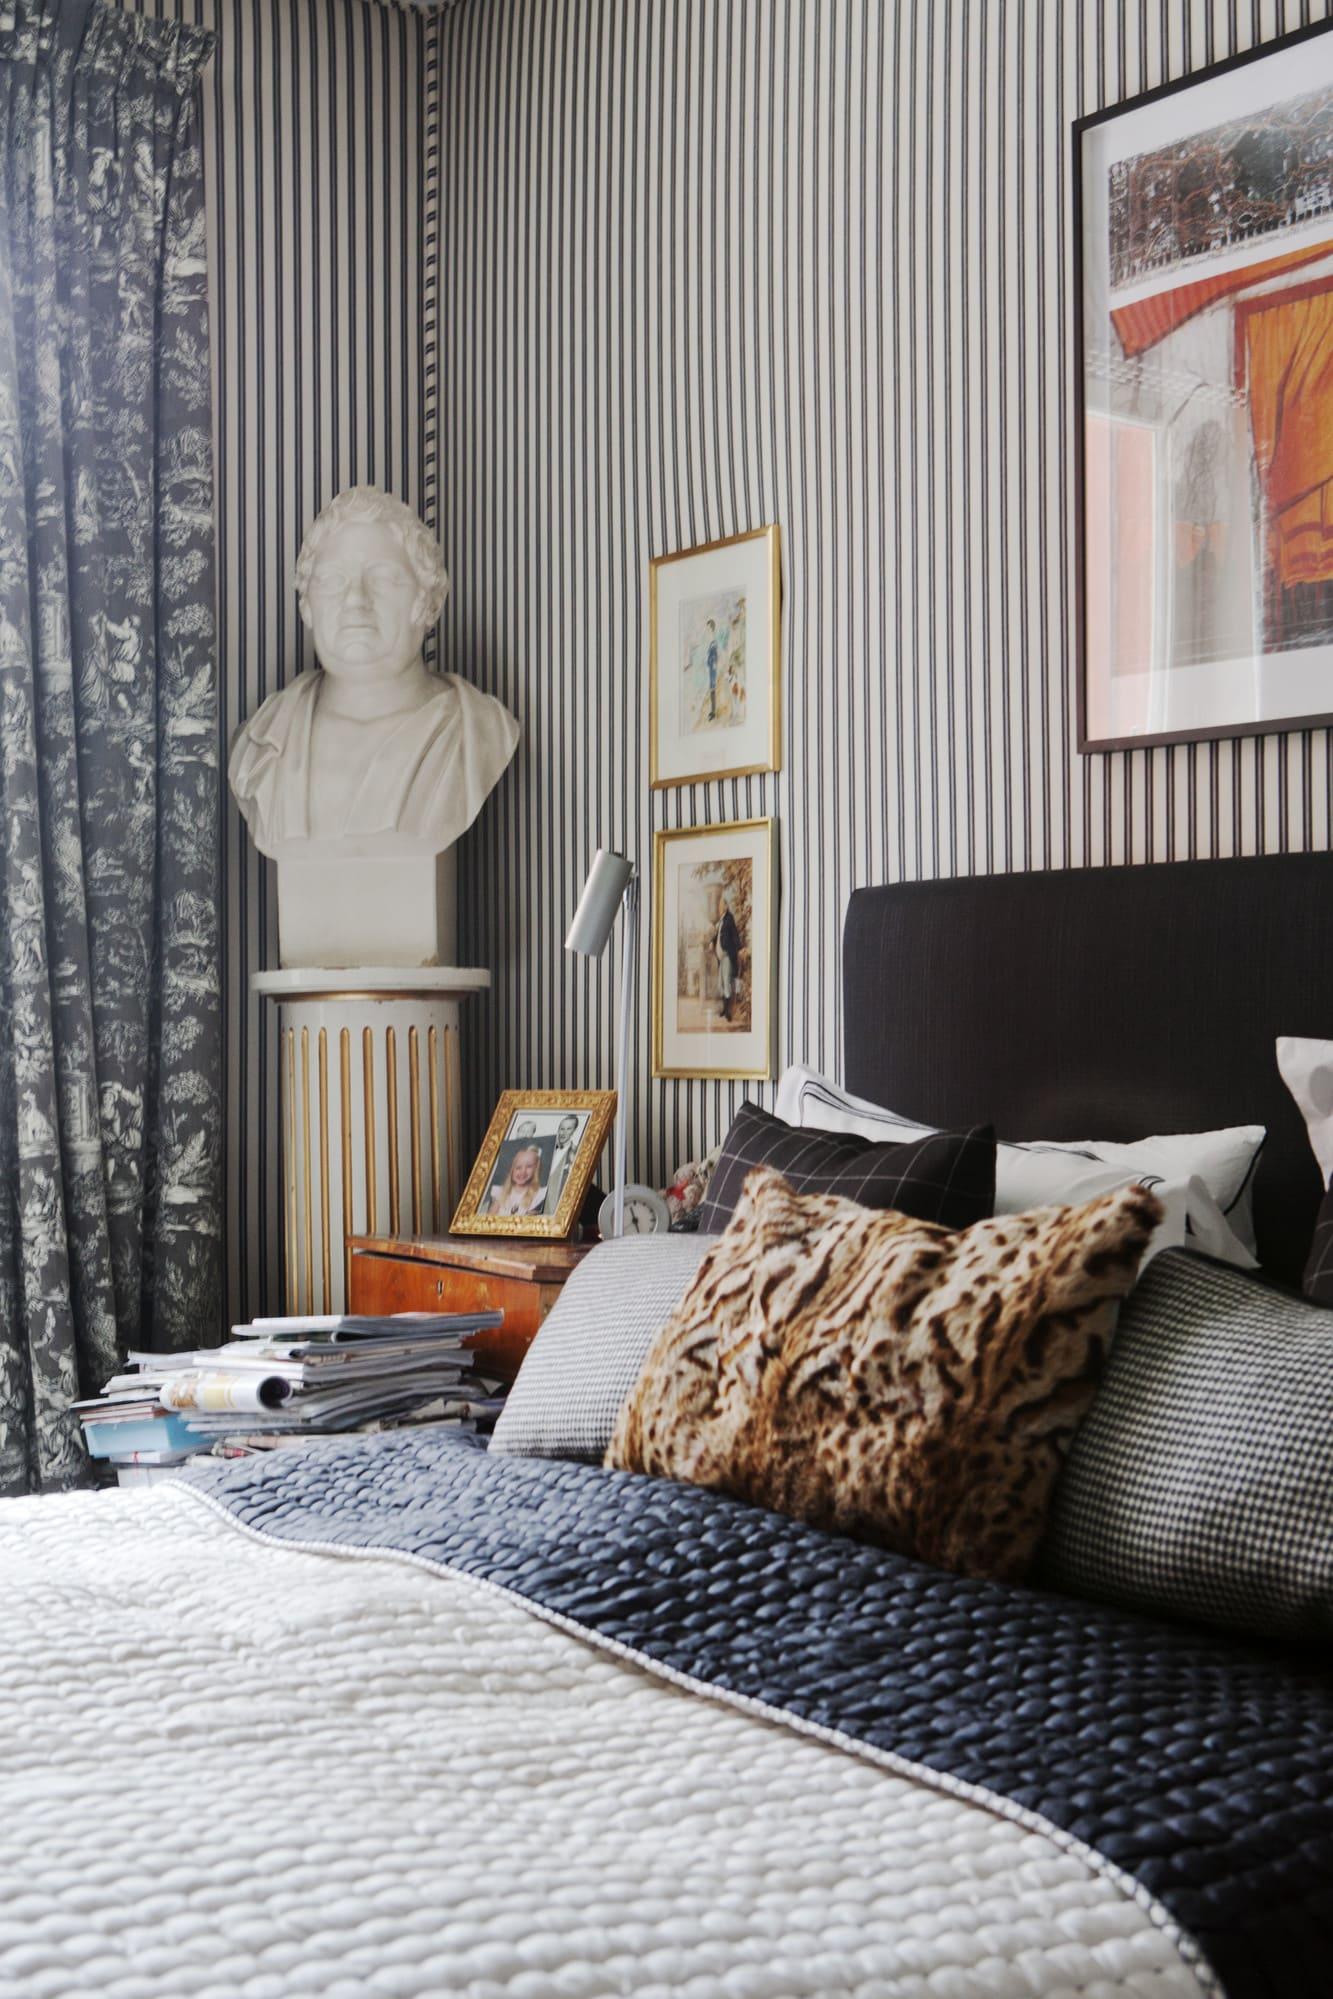 Tygerna som sovrumsväggarna är spända med kommer från Ralph Lauren, gardintyger Pierre Frey, Sängöverkast Designers Guild, bysten är ärvd och konstverket ovanför sängen är Christos The Gates från New York.